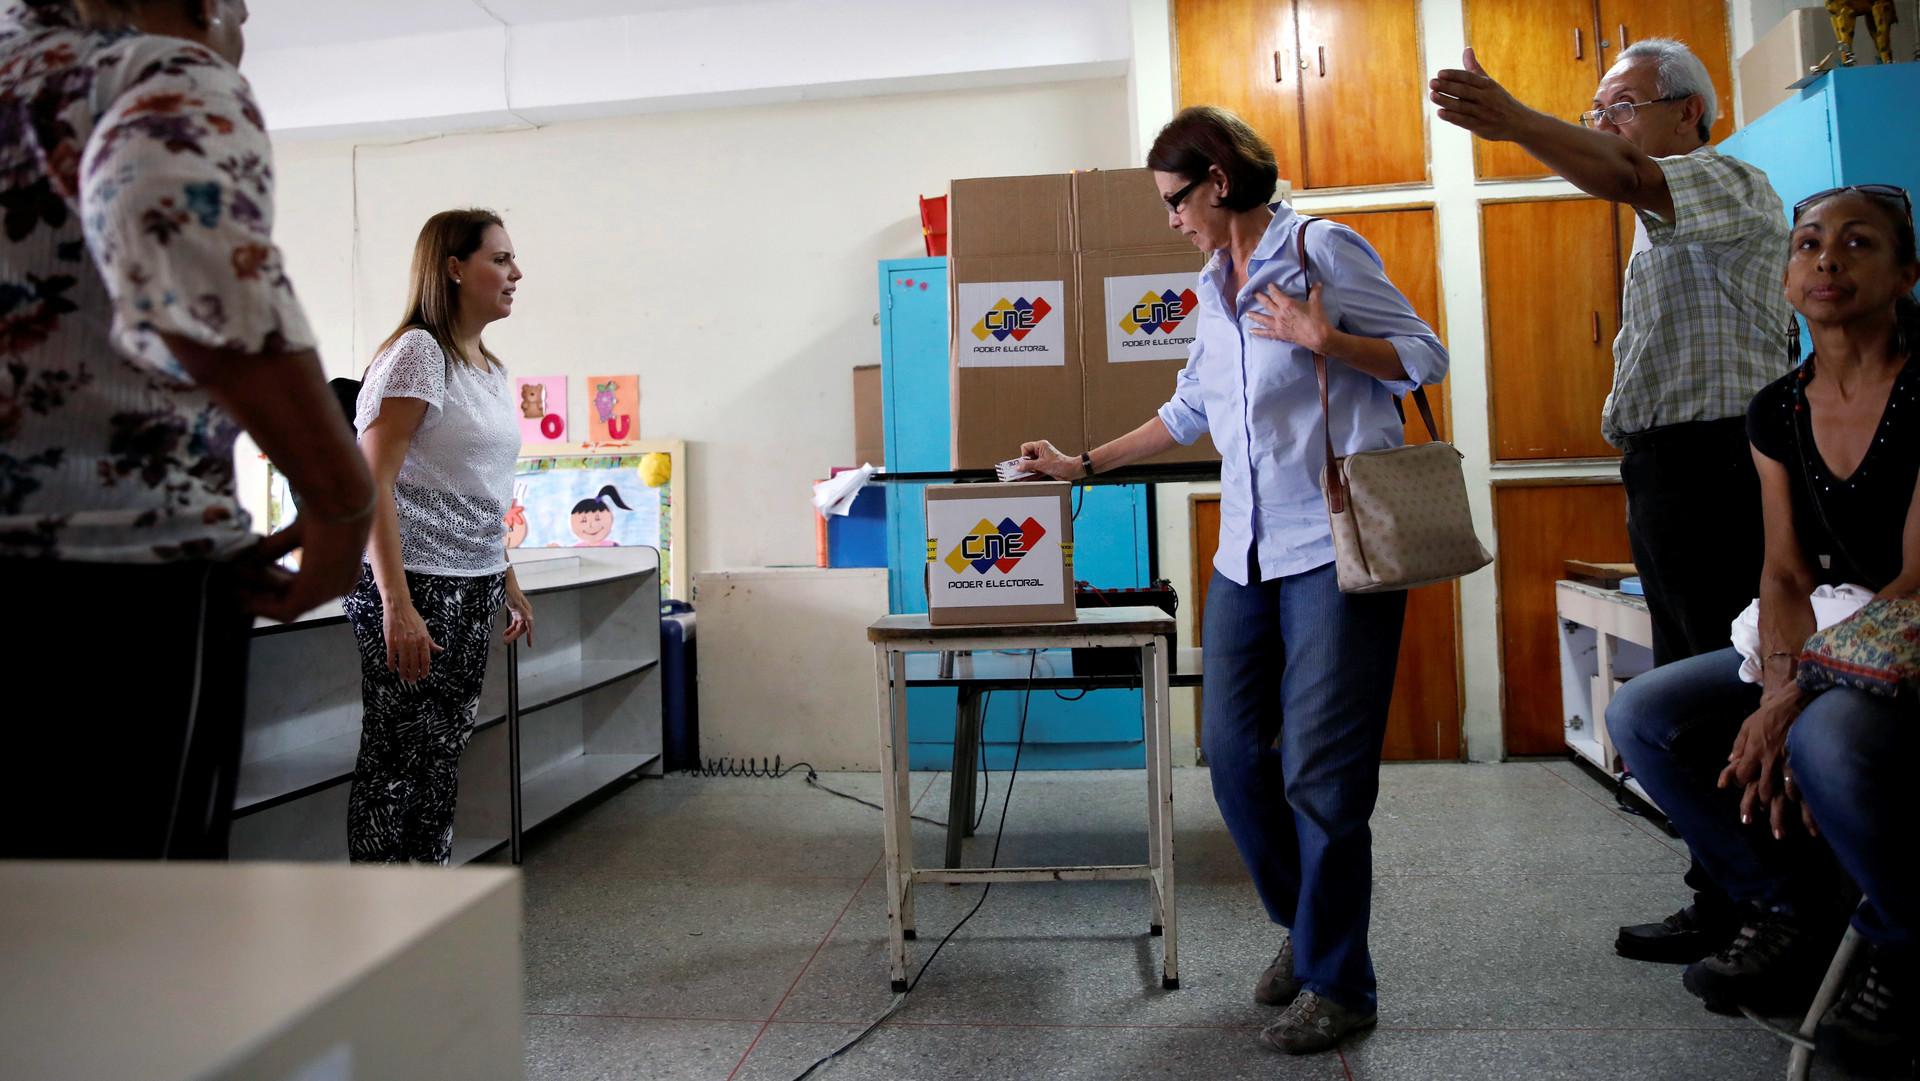 Elecciones municipales: Venezuela hoy va por tercera vez a votaciones este  año - RT